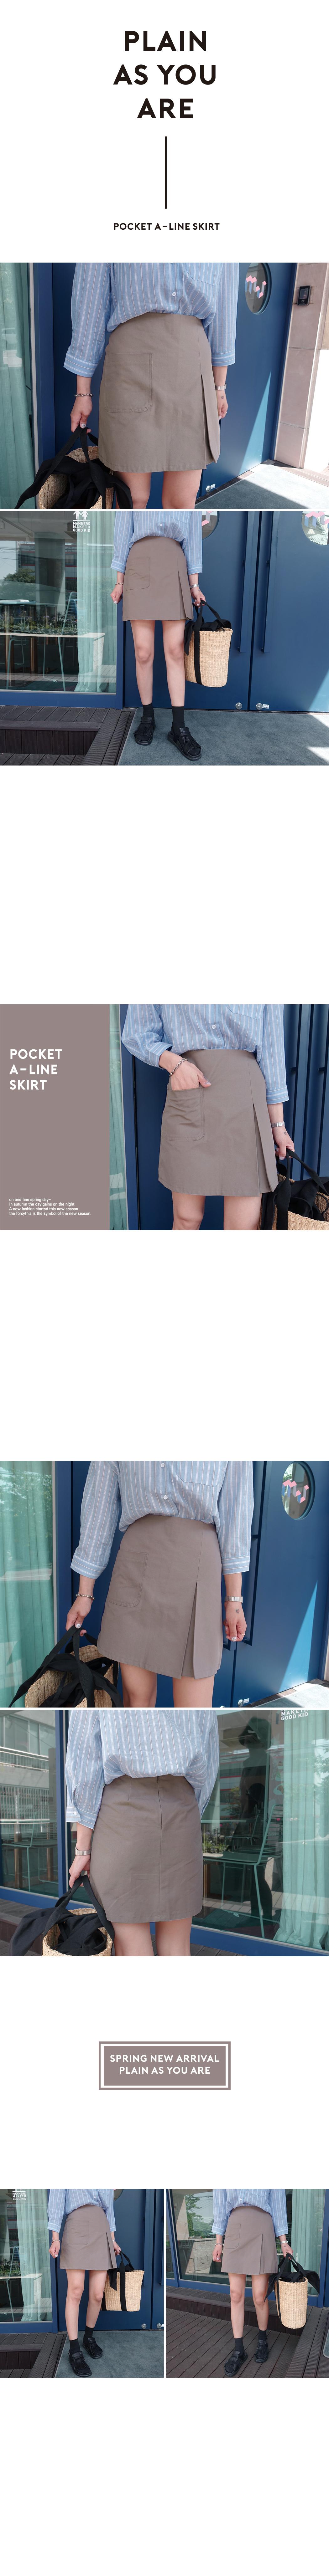 Avocado-Skirt